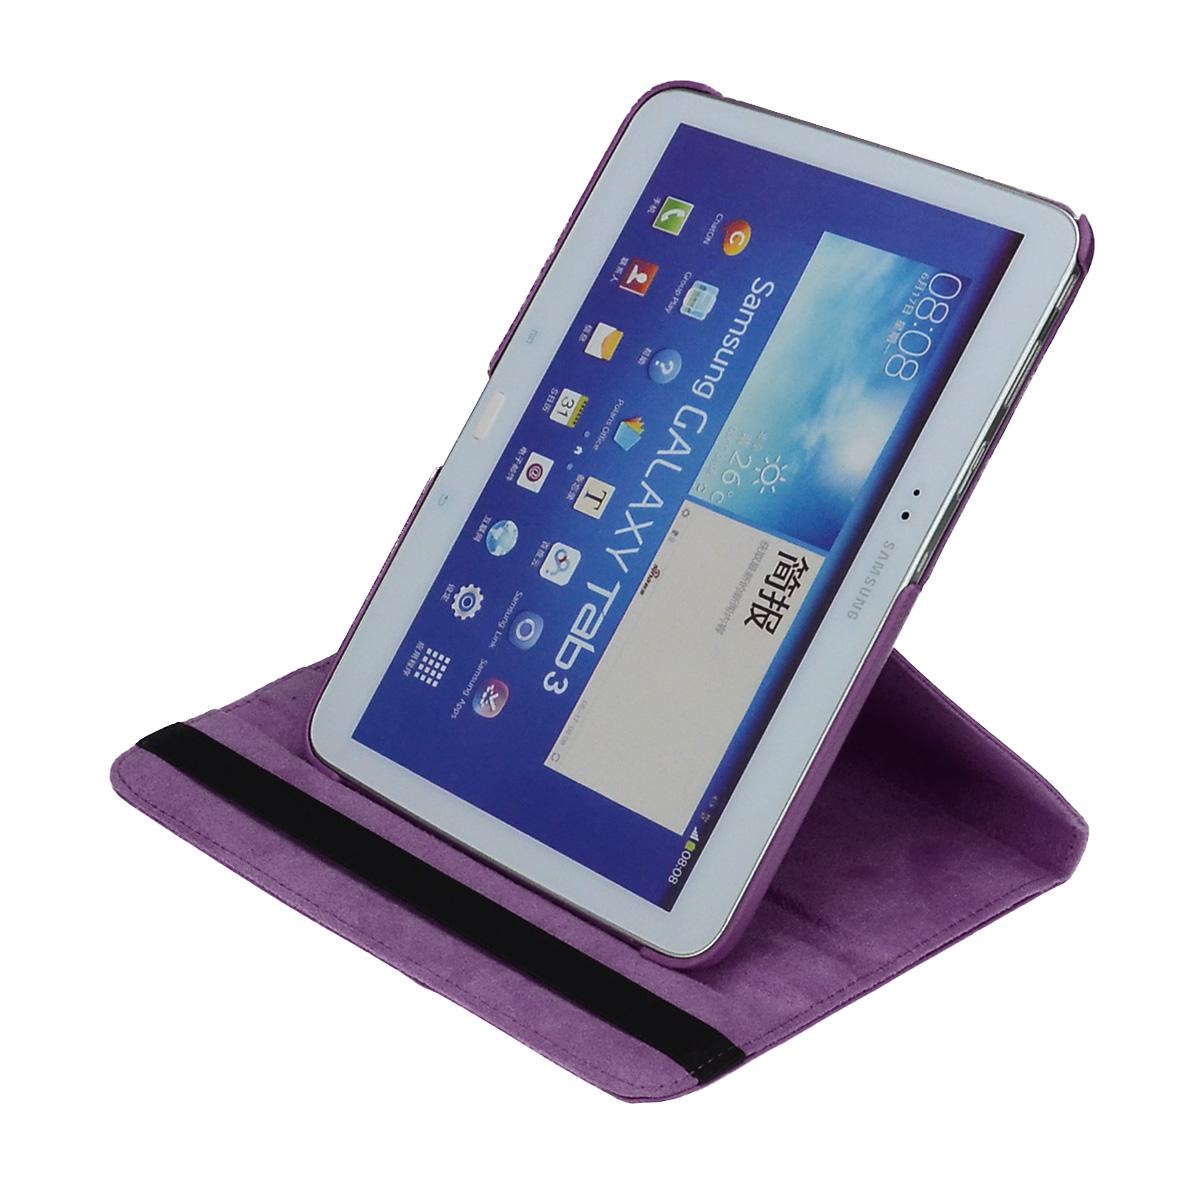 360-drehbar-Huelle-Samsung-Tab-E-9-6-Schutz-Cover-Case-Tasche-Etui-Staender-Folie Indexbild 25